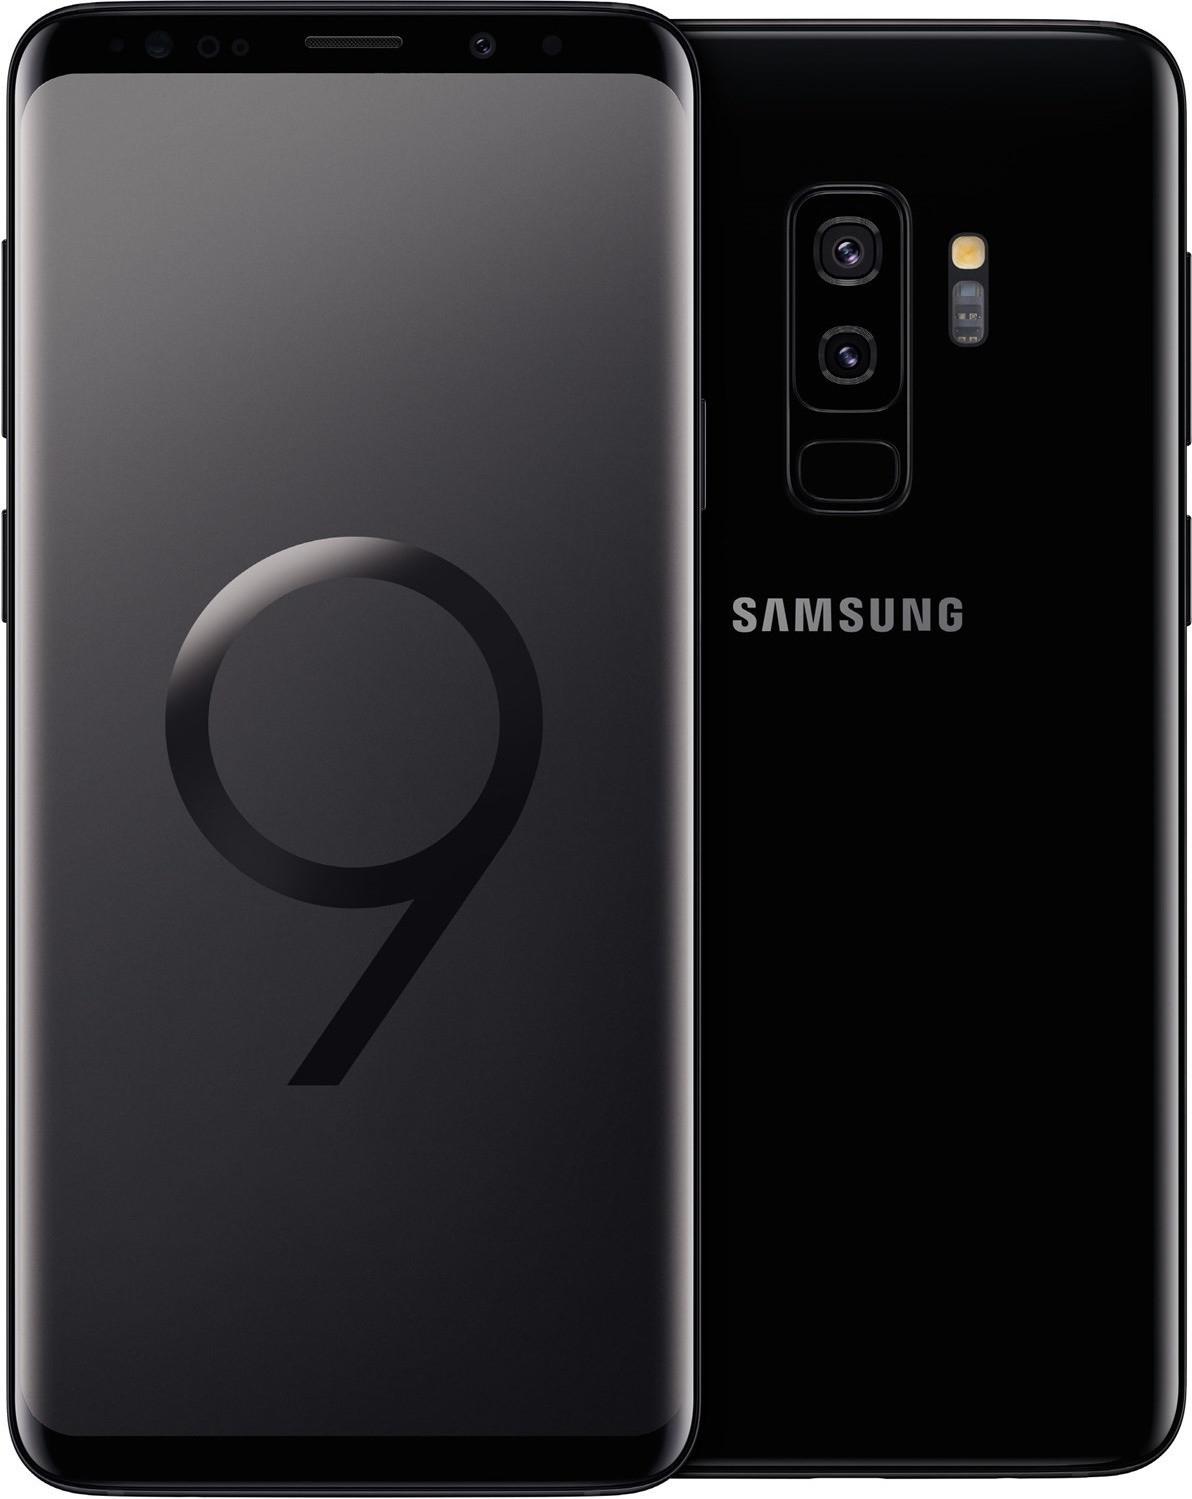 """Smartphone 6.2"""" Samsung Galaxy S9+ (WQHD+, Exynos 9810, 6 Go de RAM, 64 Go, différents coloris) - reconditionné"""